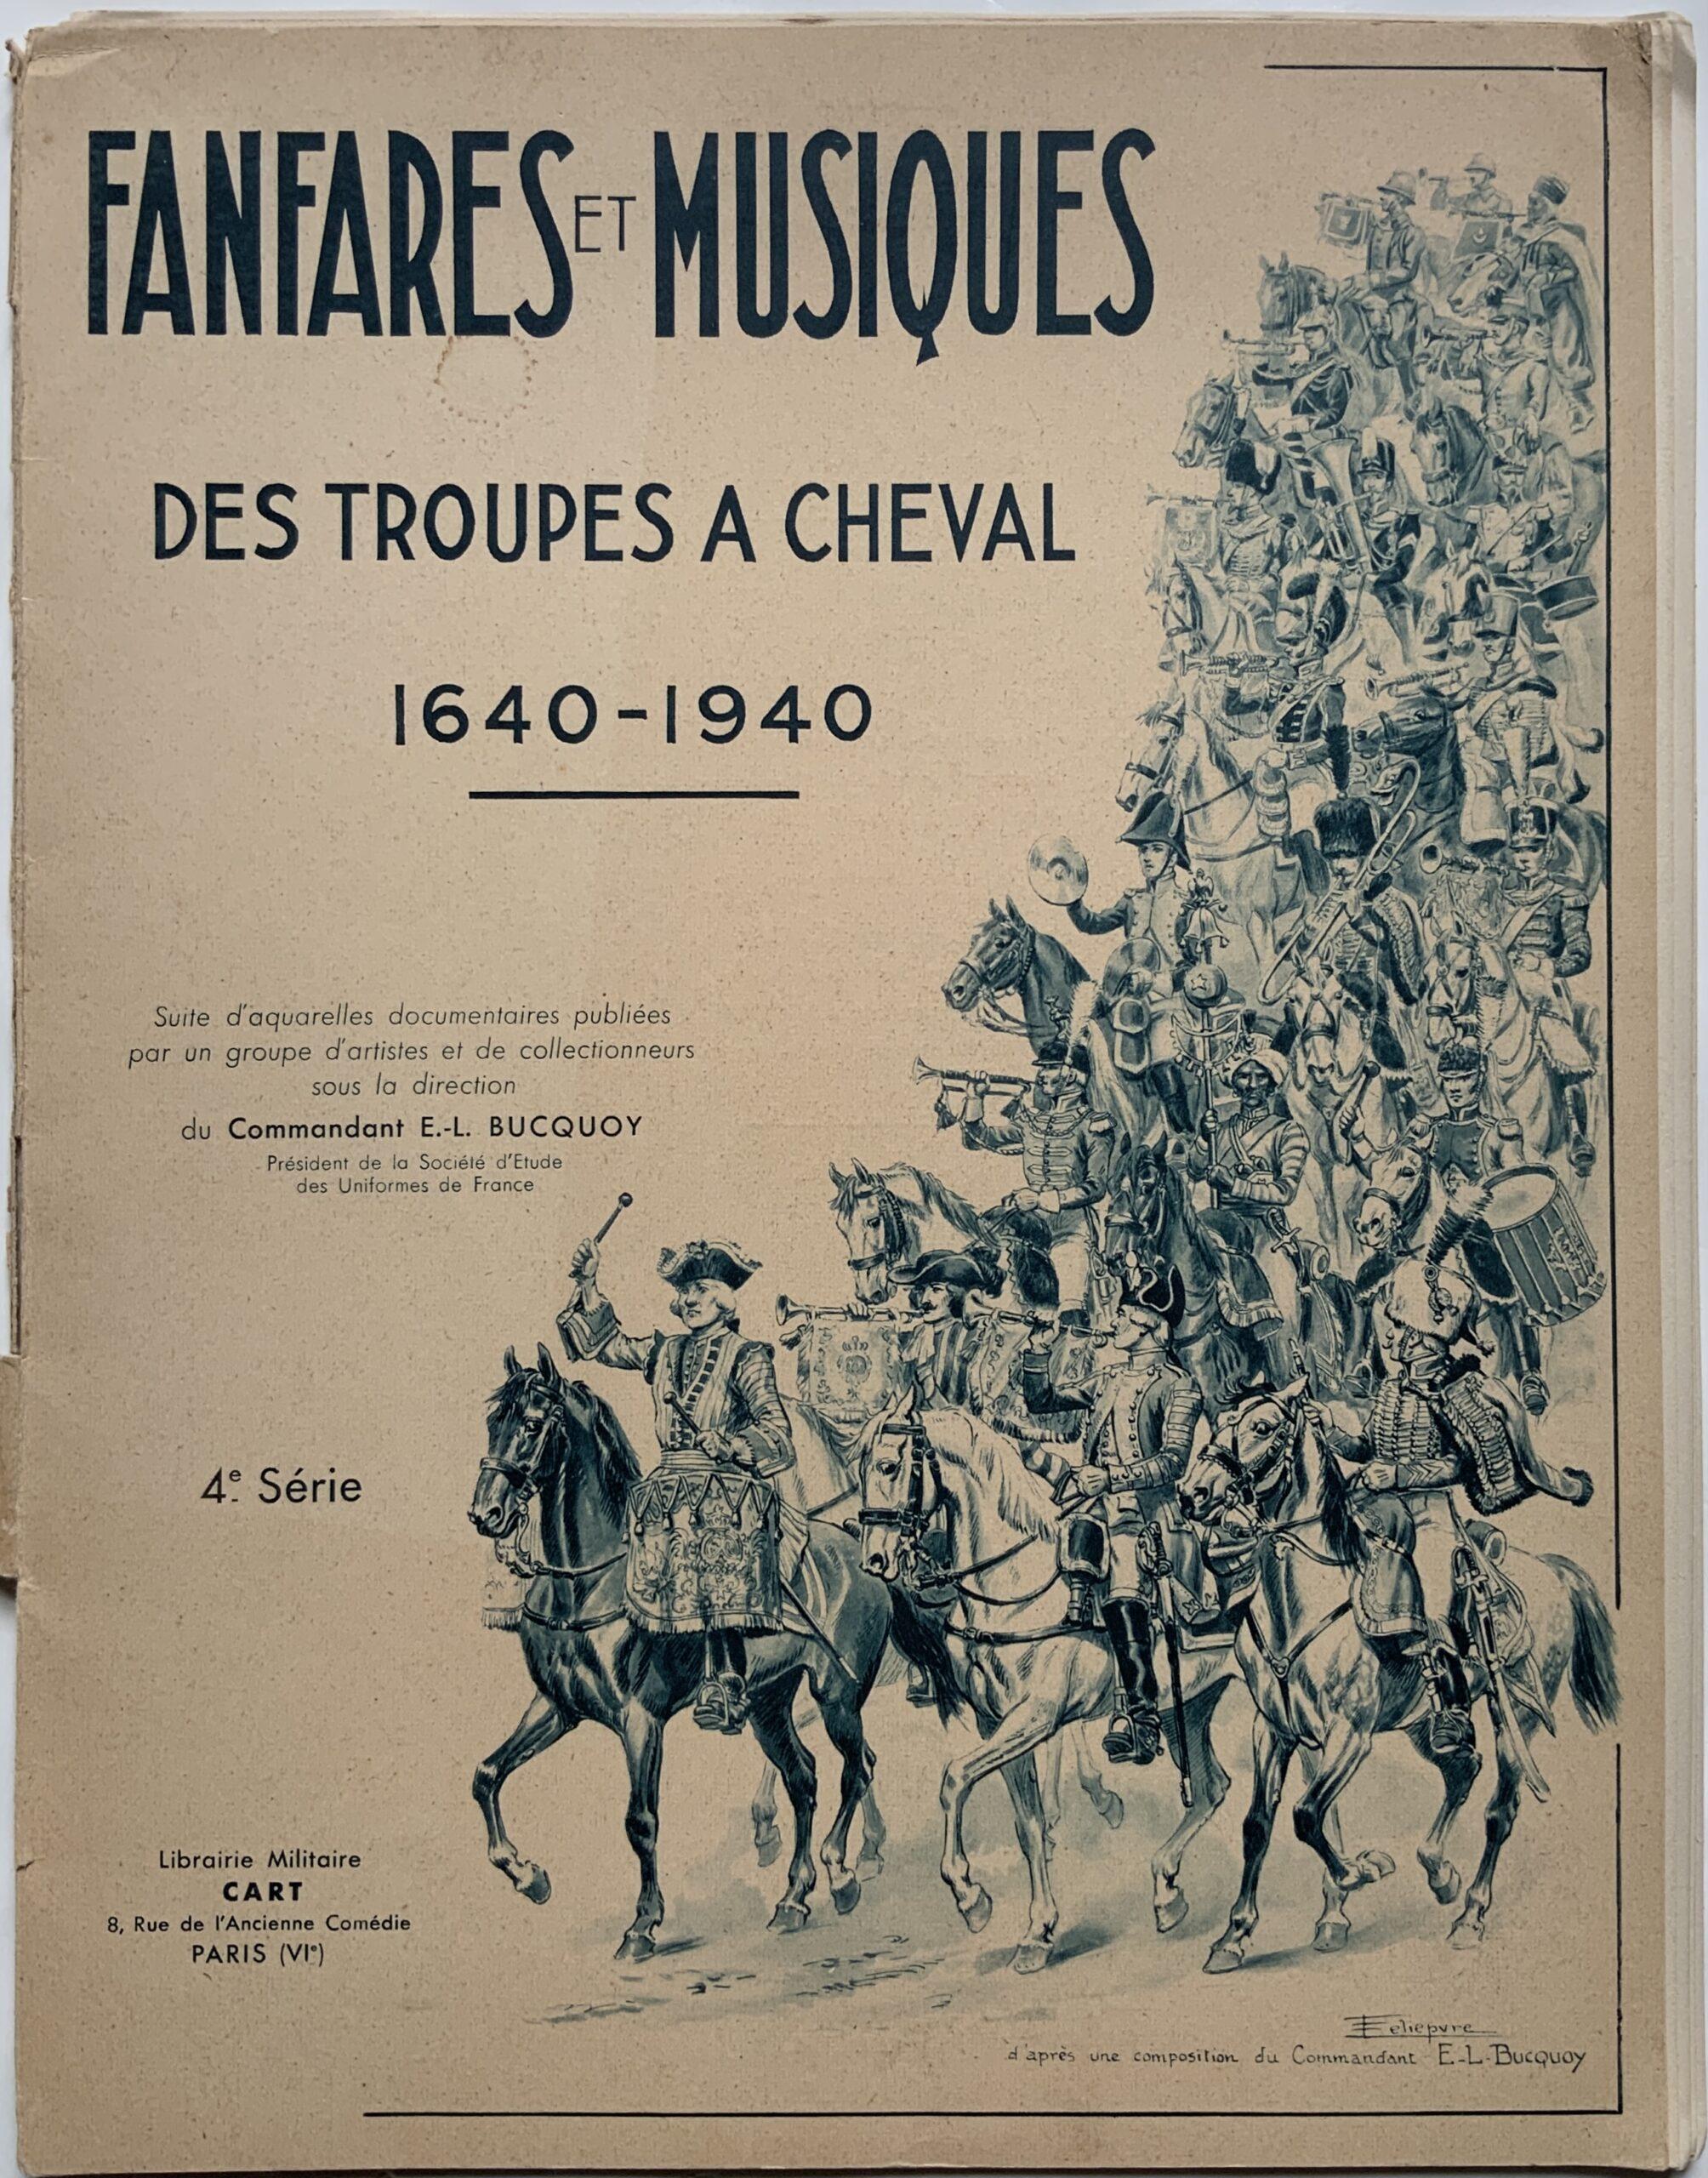 M127FANFARES ET MUSIQUES DES TROUPES A CHEVAL 1640-1940